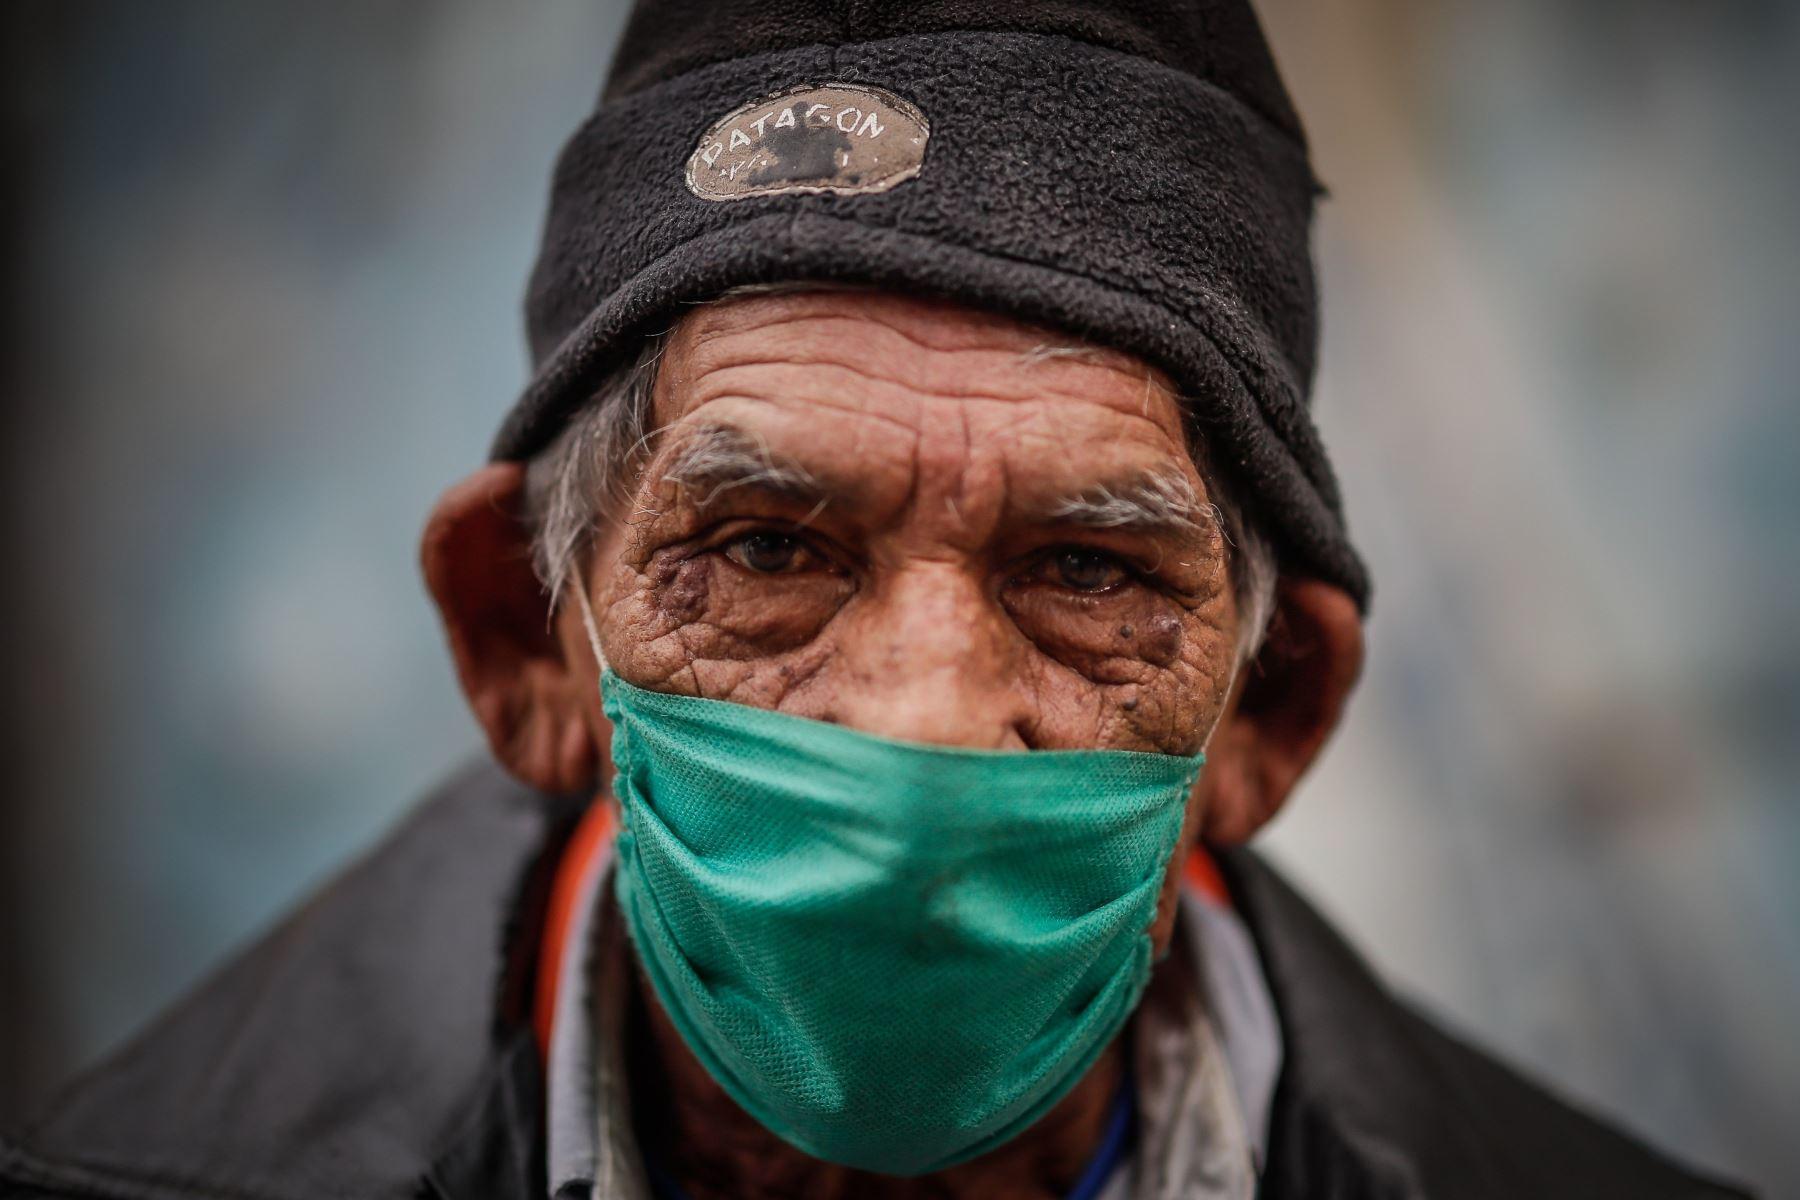 Es la novena ocasión en que Argentina, entre los primeros exportadores de alimentos del mundo, queda en cesación de pagos en su historia. Foto: EFE